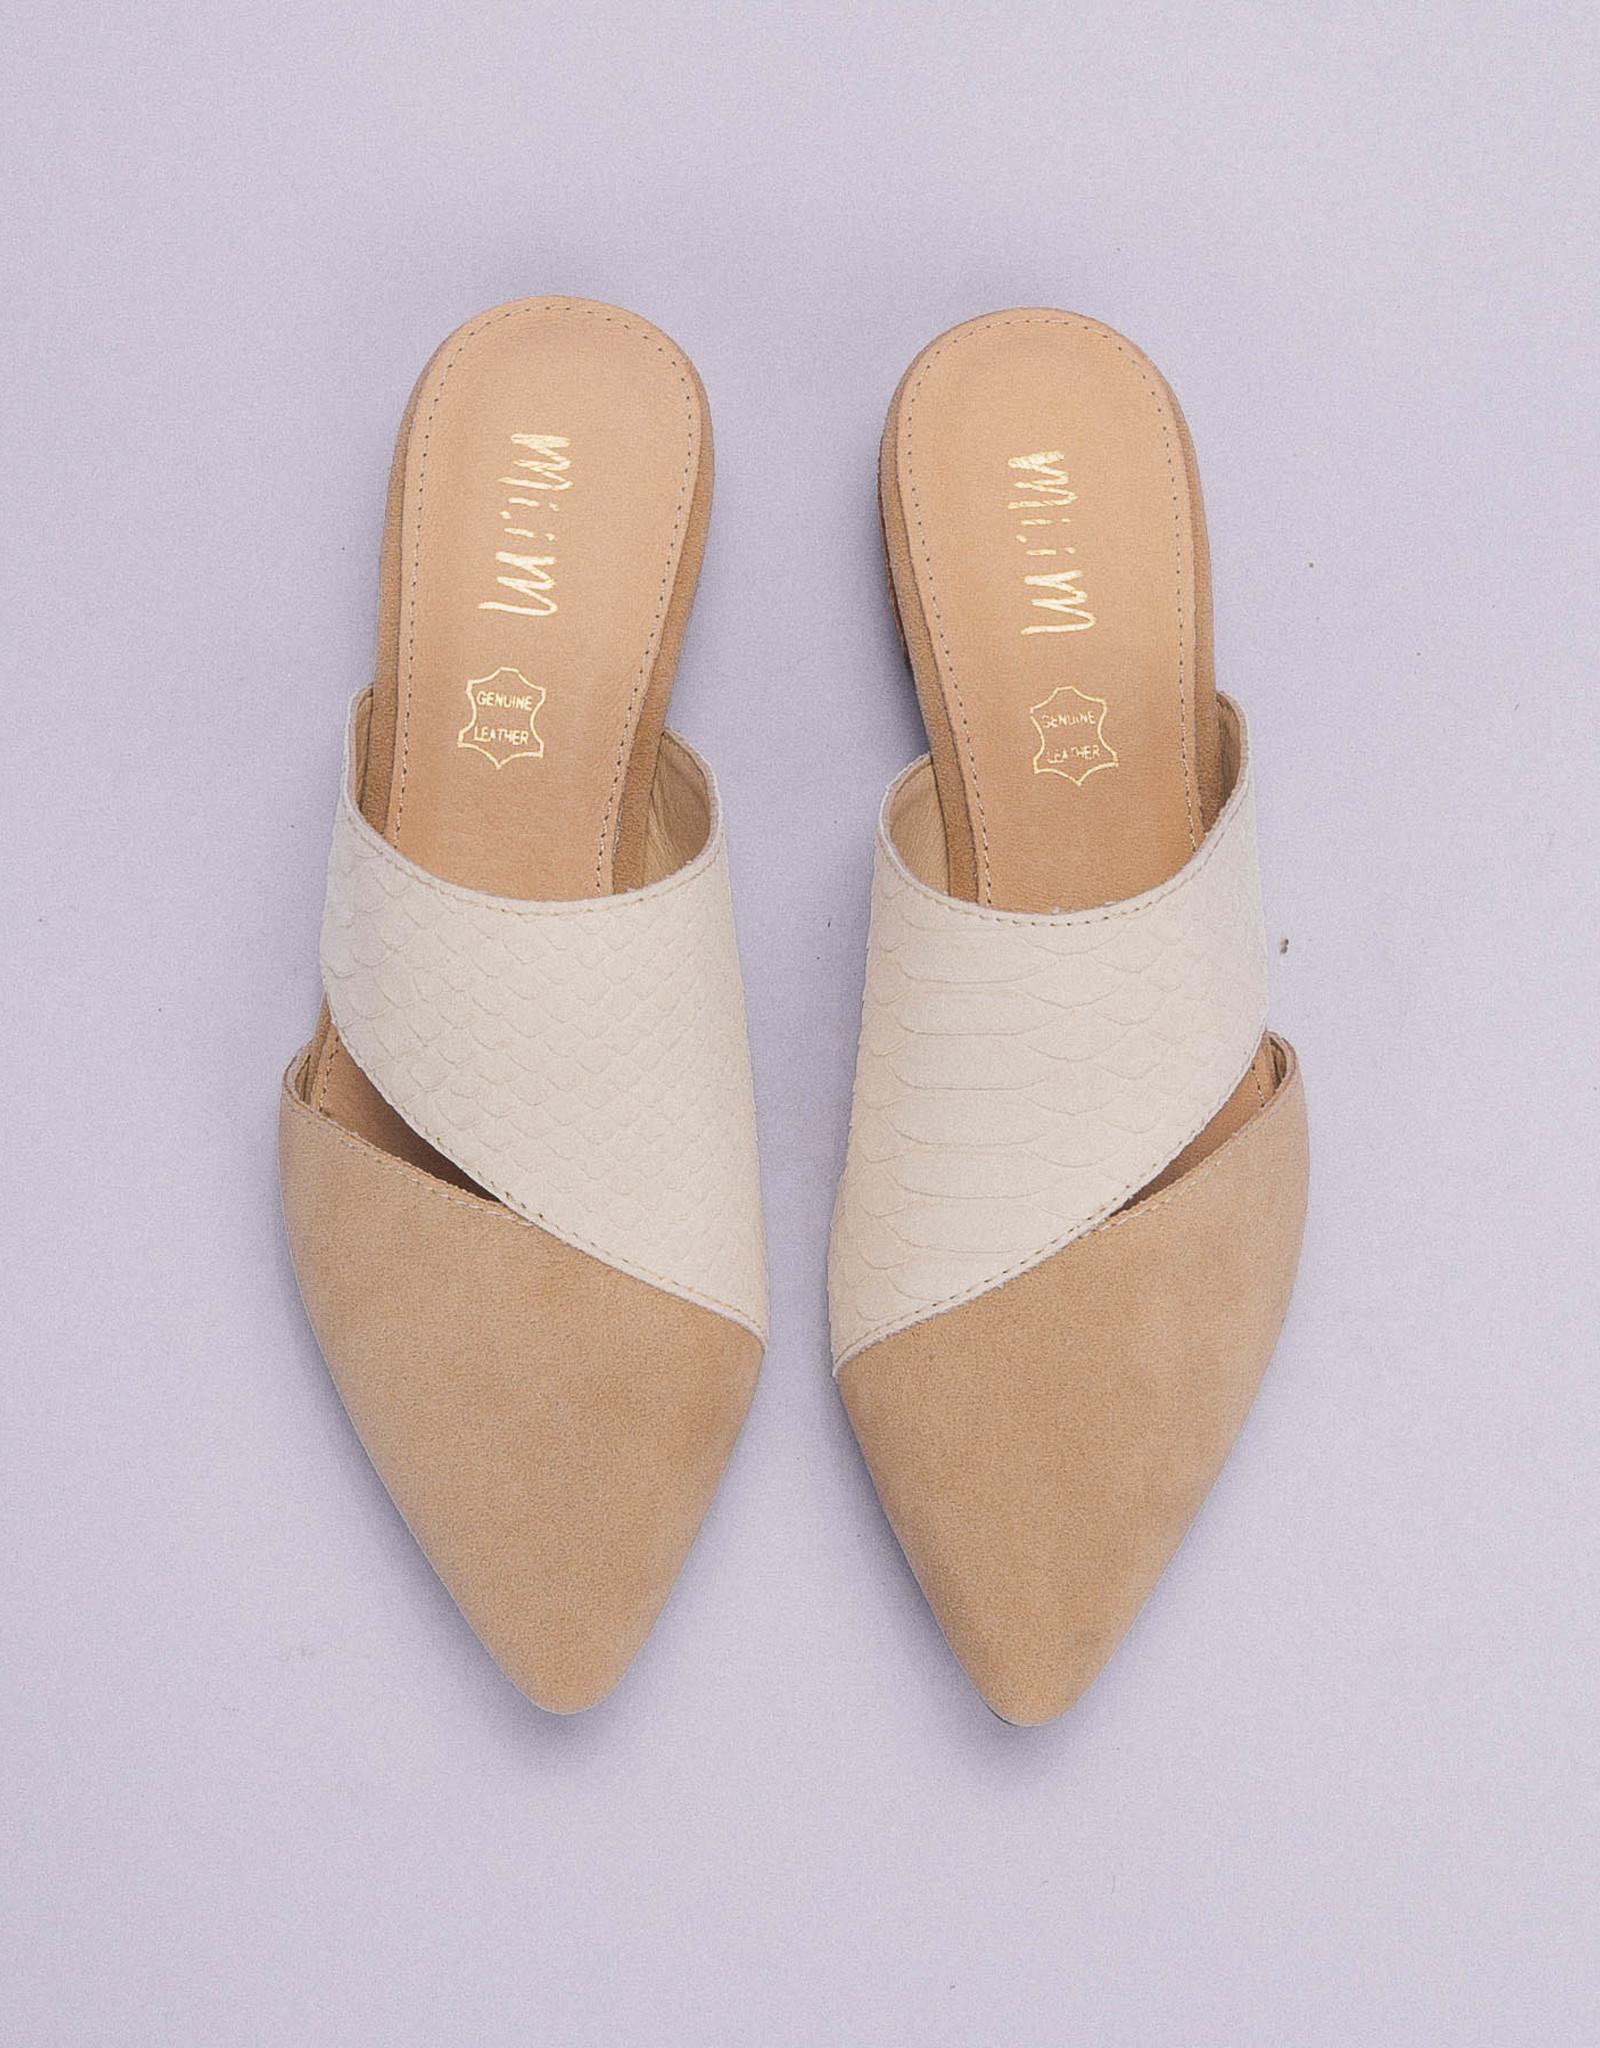 Mi.iM footwear The EPIC Pointed Mule